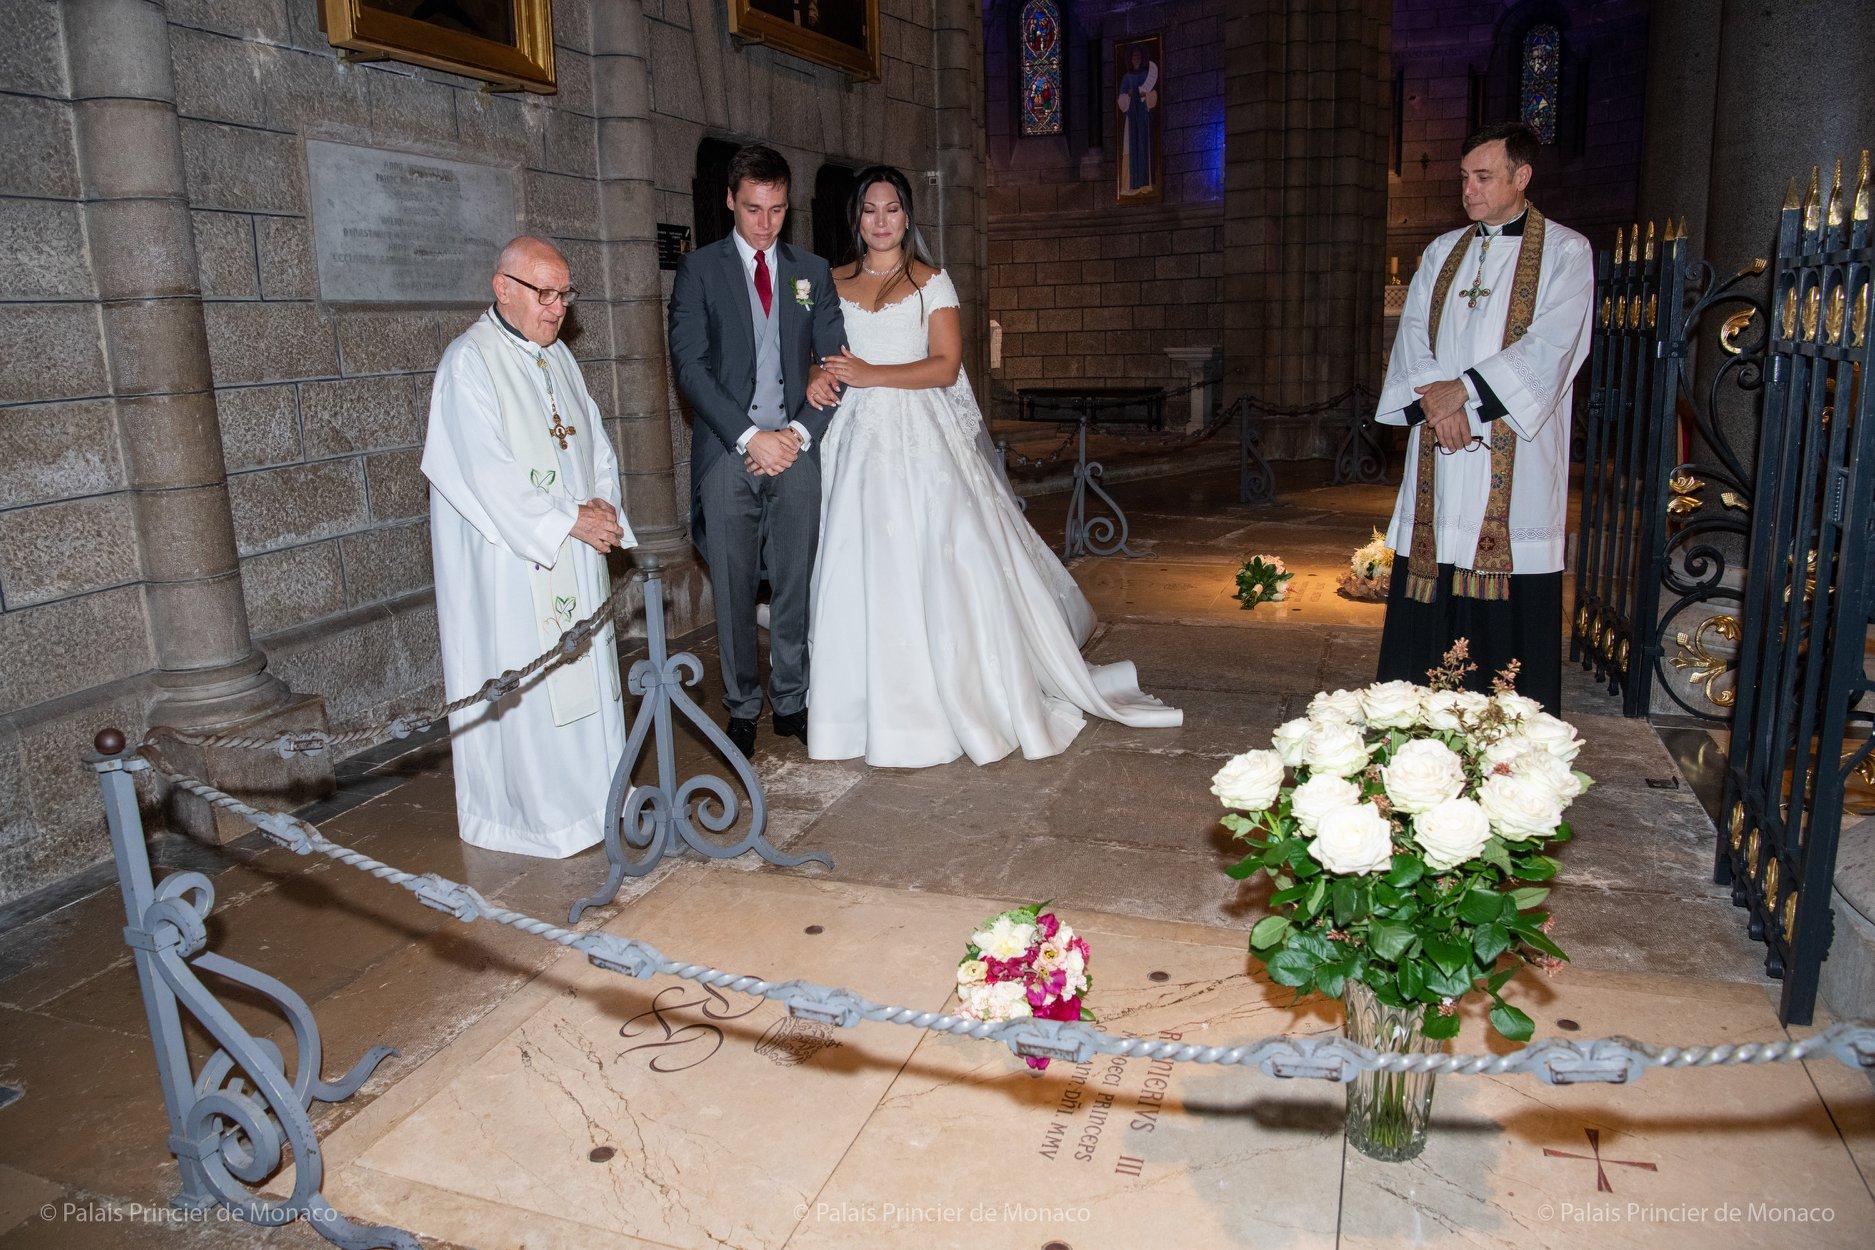 Rührender Moment: Das Brautpaar gedenkt in der Kathedrale Fürst Rainier.  © Palais Princier de Monaco